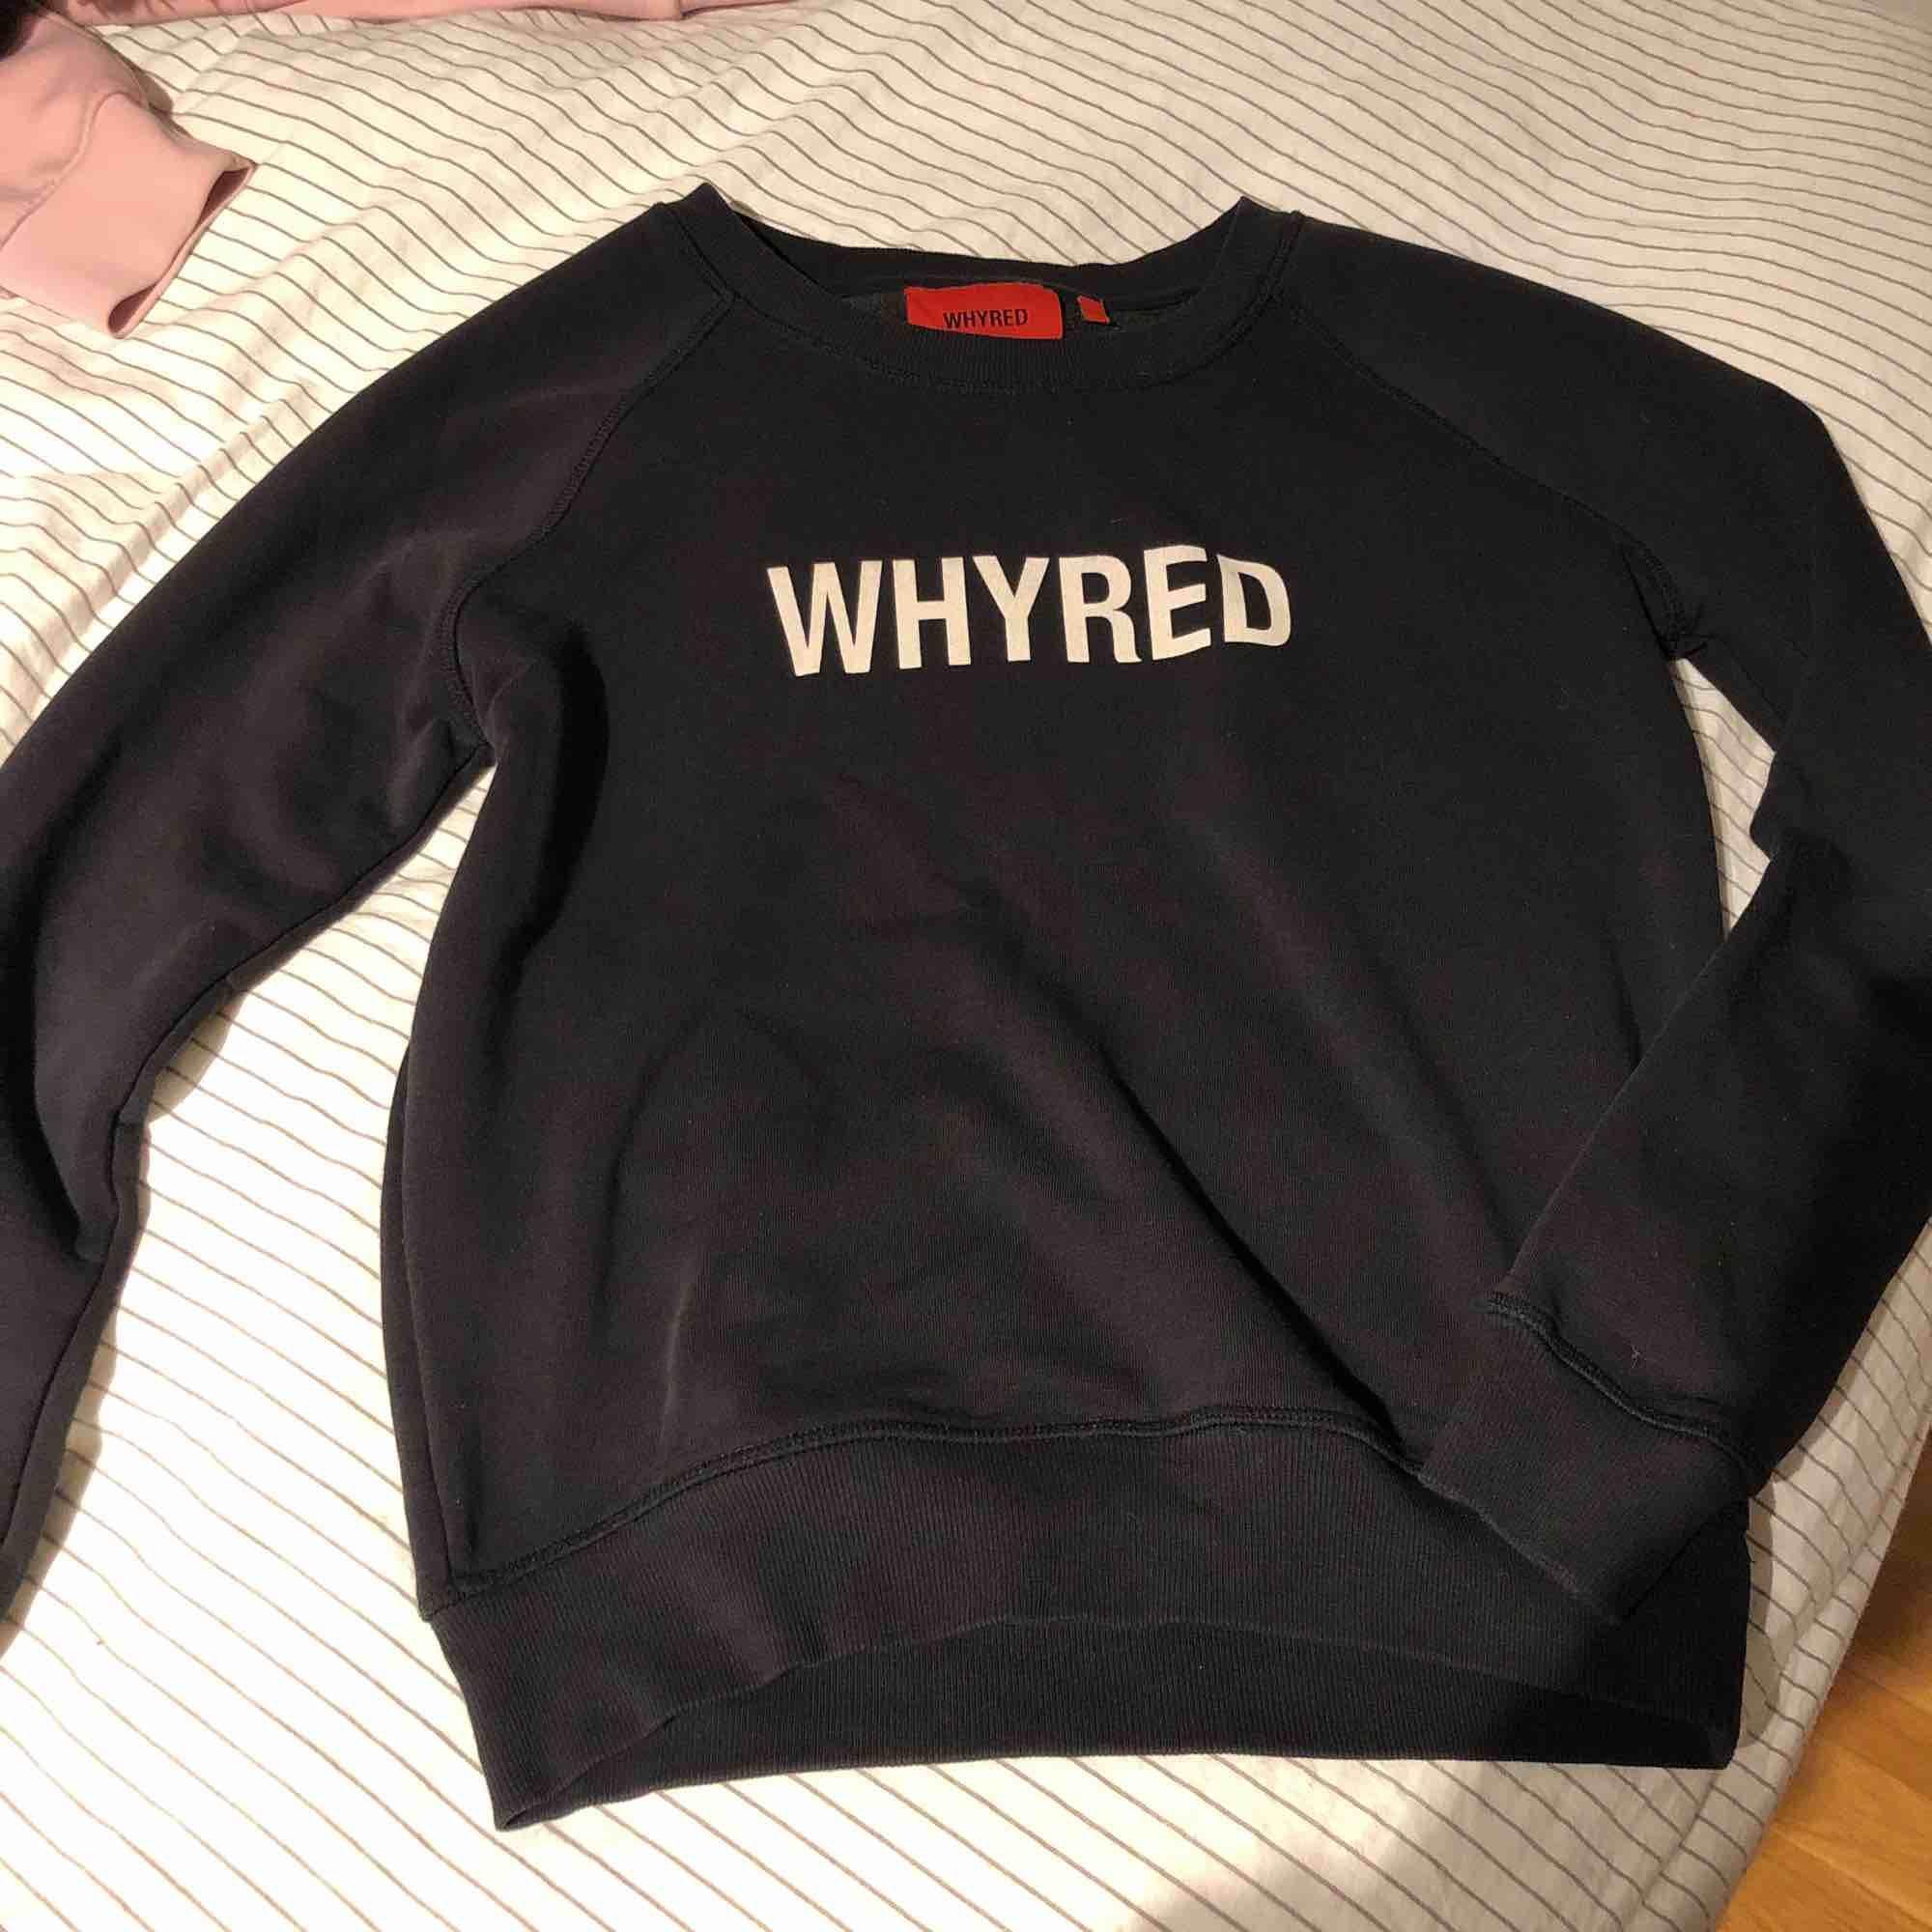 Ganska simpel tröja med WHYRED tryck och även ett coolt tryck på ryggen. Säljer för att har börja växa ur den. Tröjor & Koftor.